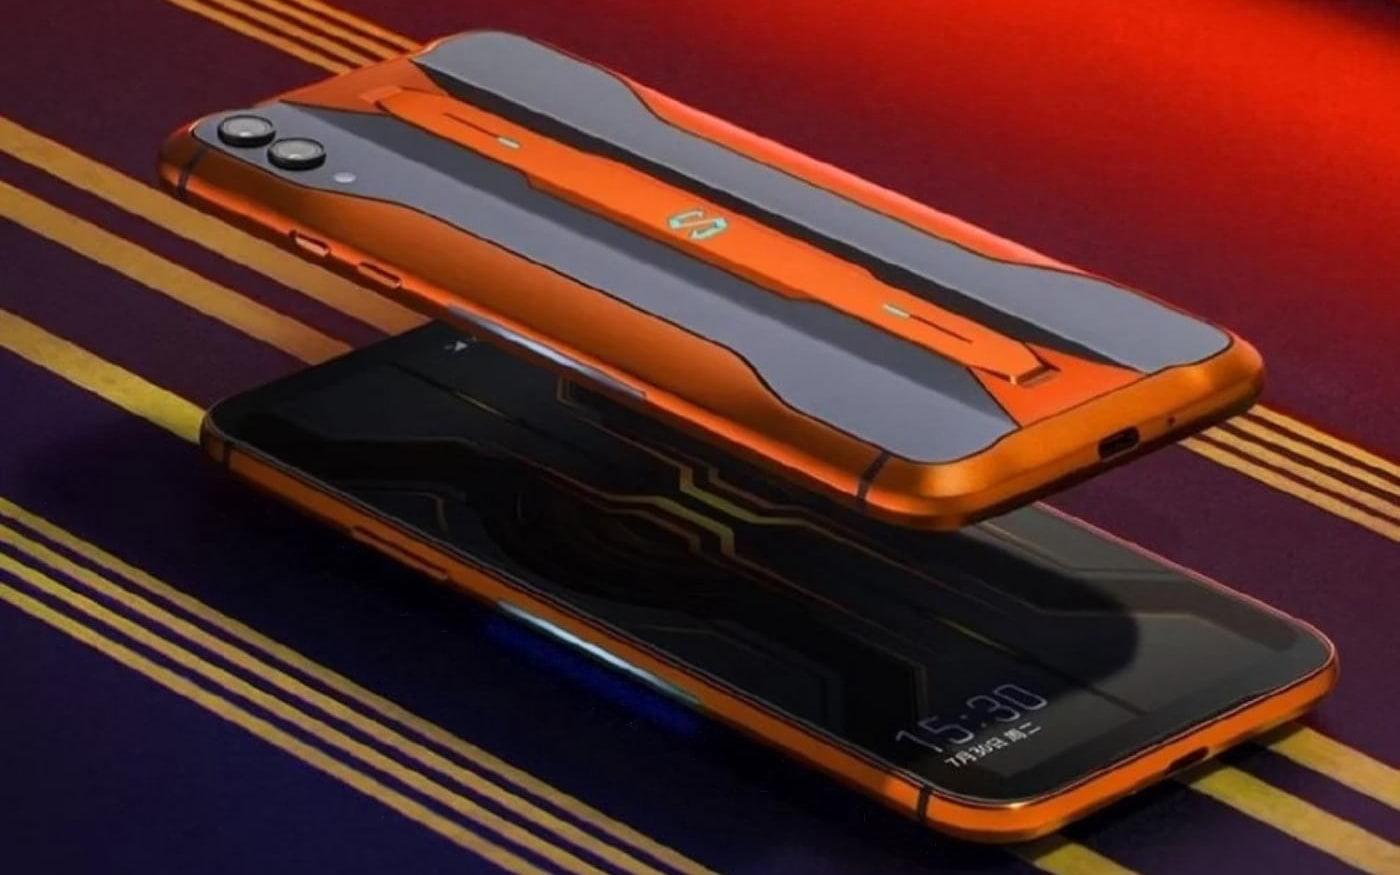 [Black Shark 2 Pro] Empresa anuncia nova cor para seu smartphone (estreia no dia 18 deste mês)